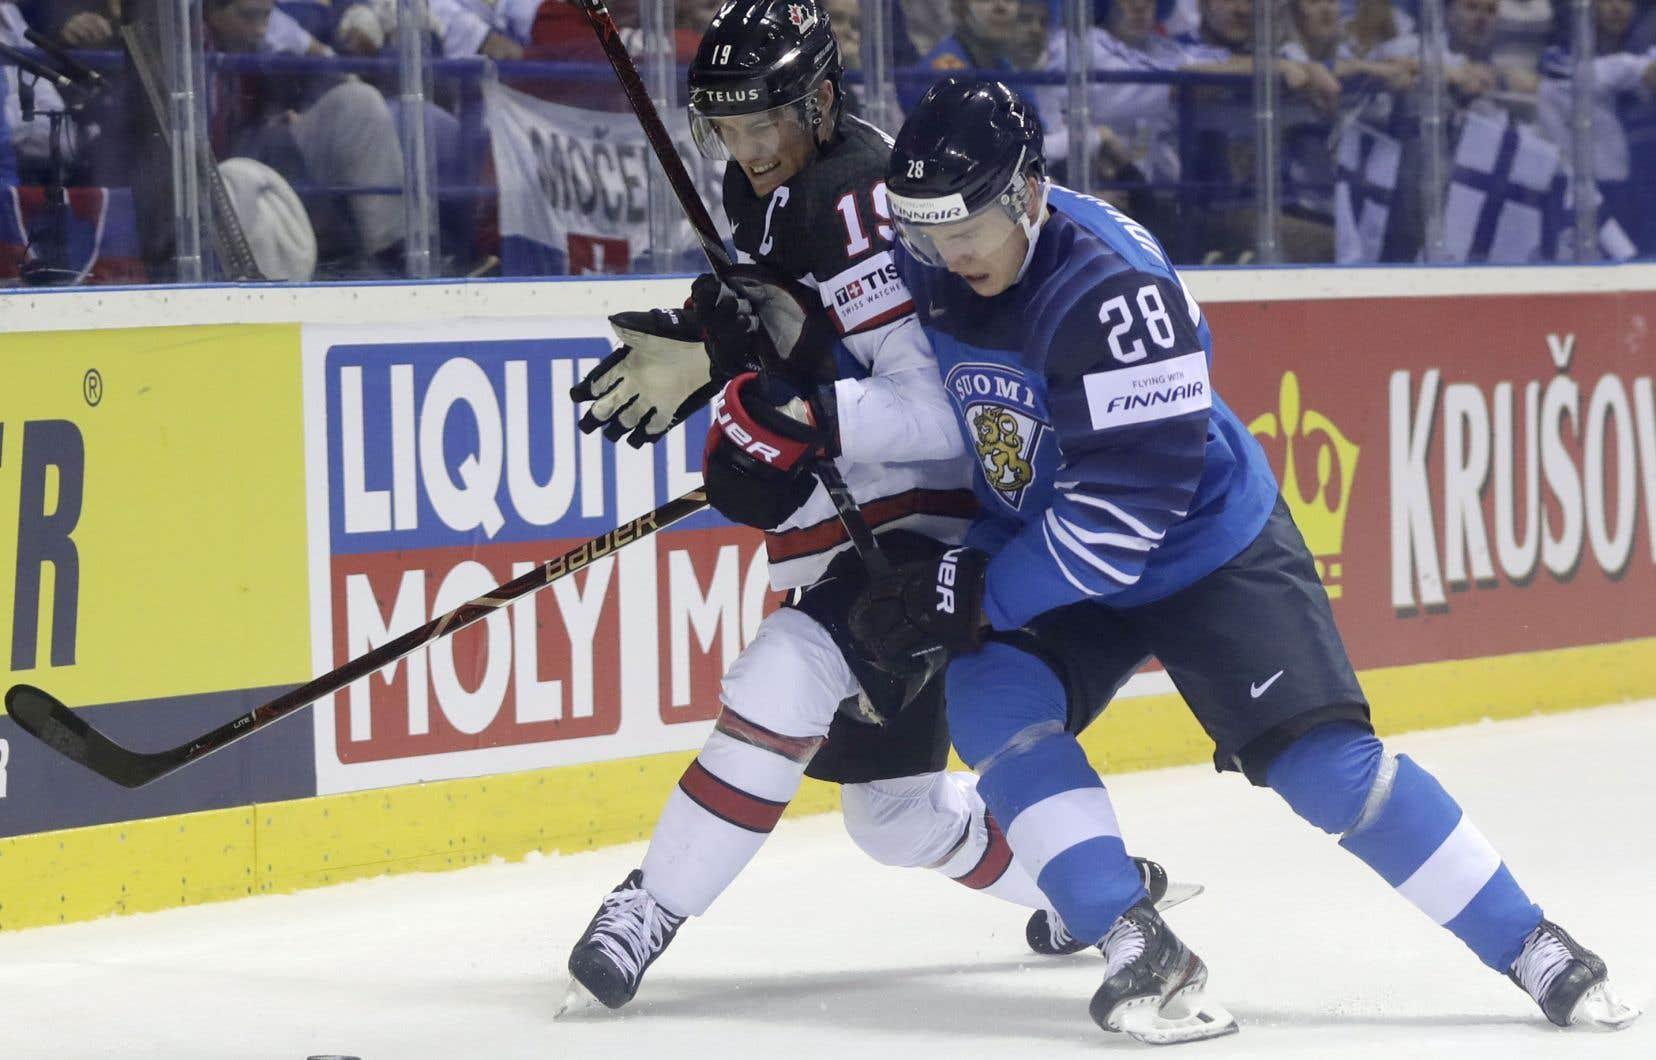 Kyle Turris, du Canada, et Henri Jokiharju, de la Finlande, bataillent pour la rondelle dans le premier match des deux équipes au Championnat du monde disputé en Slovaquie.